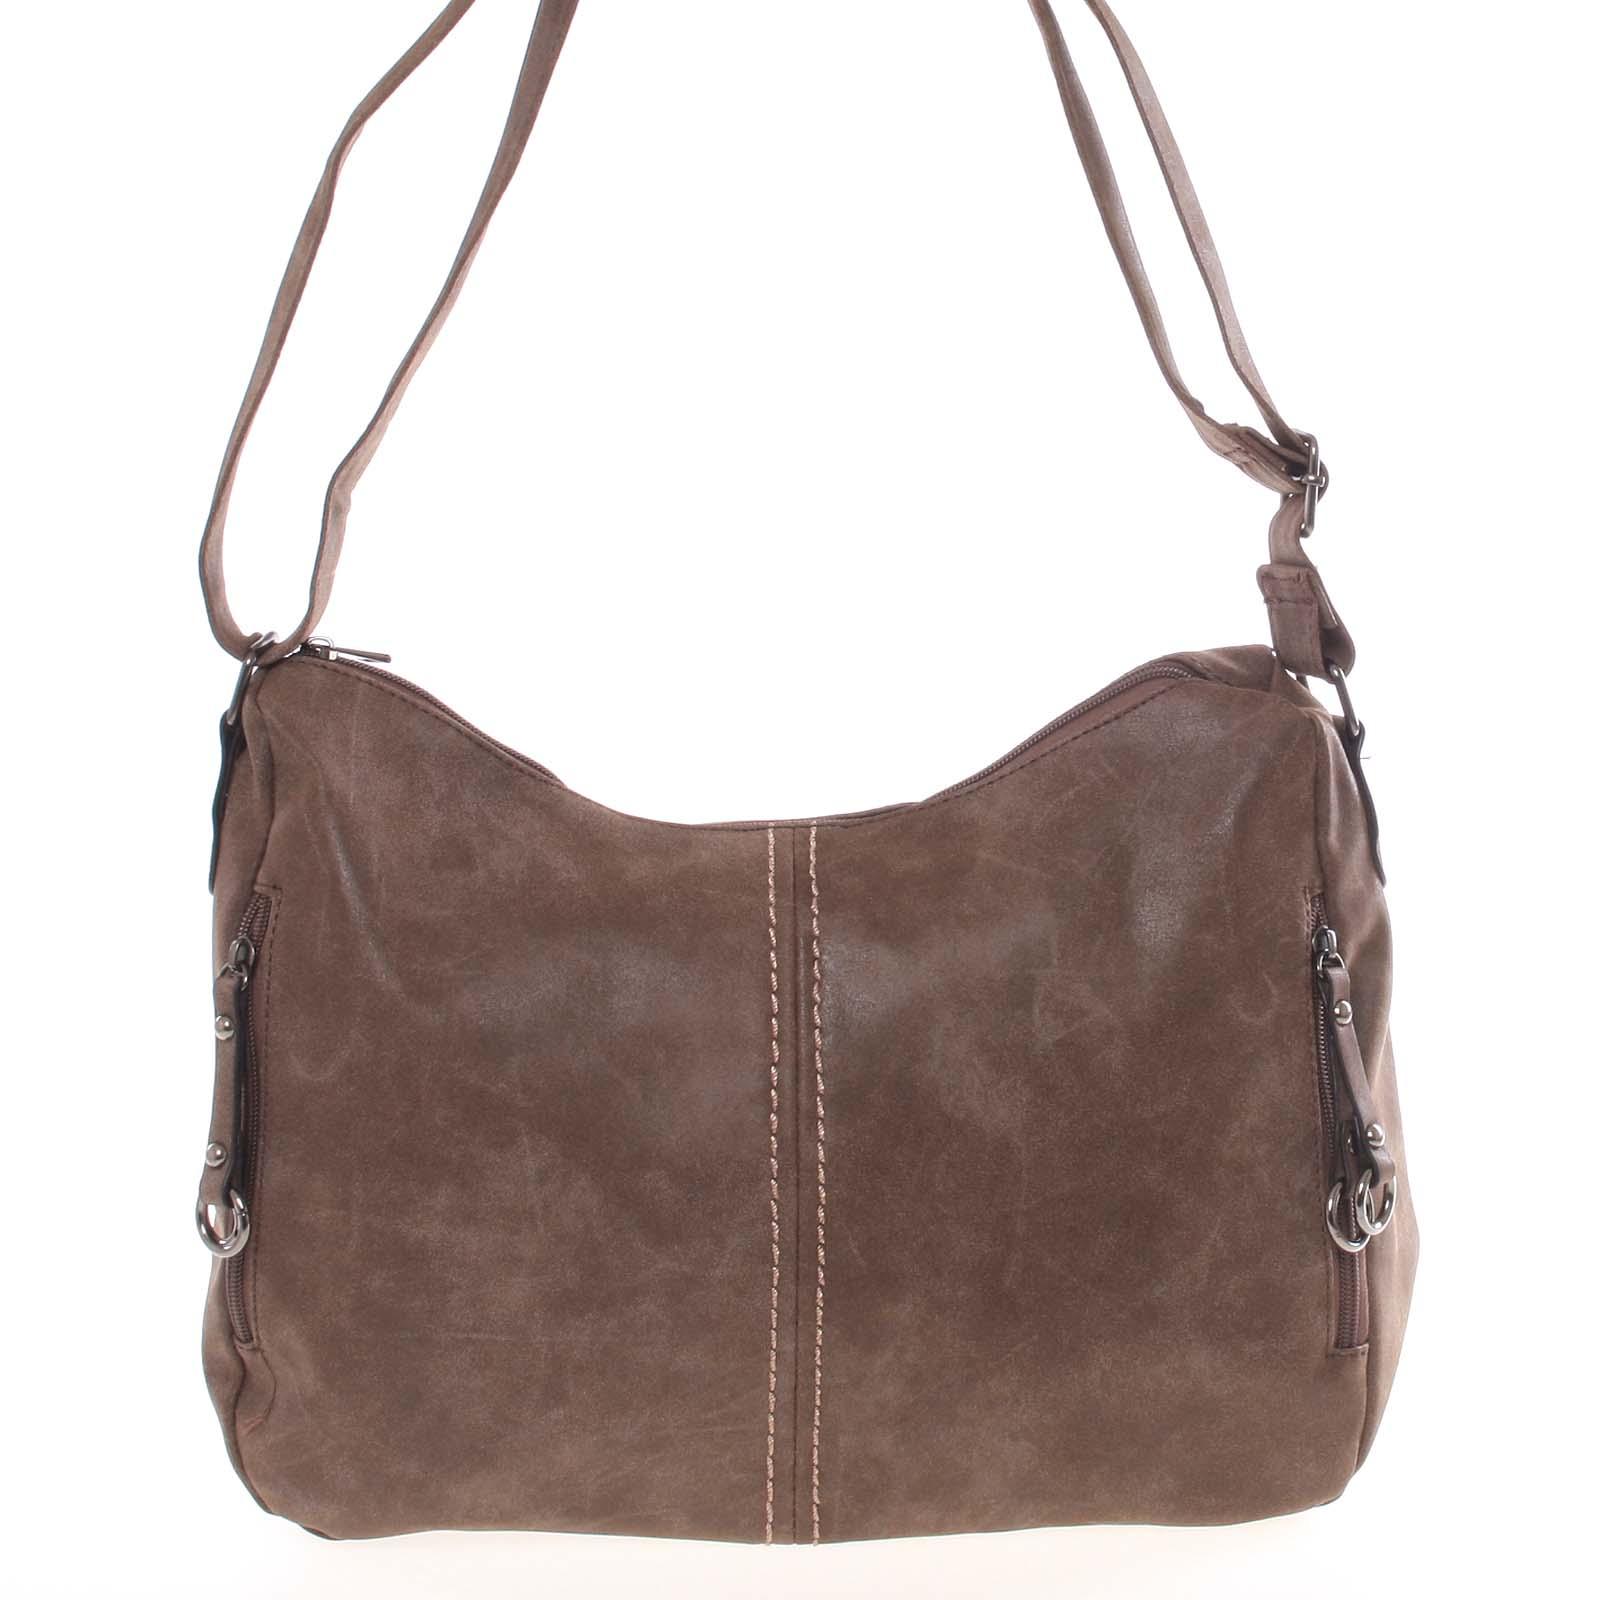 Väčšia dámska mäkká hnedá kabelka - Piace Molto Leontina